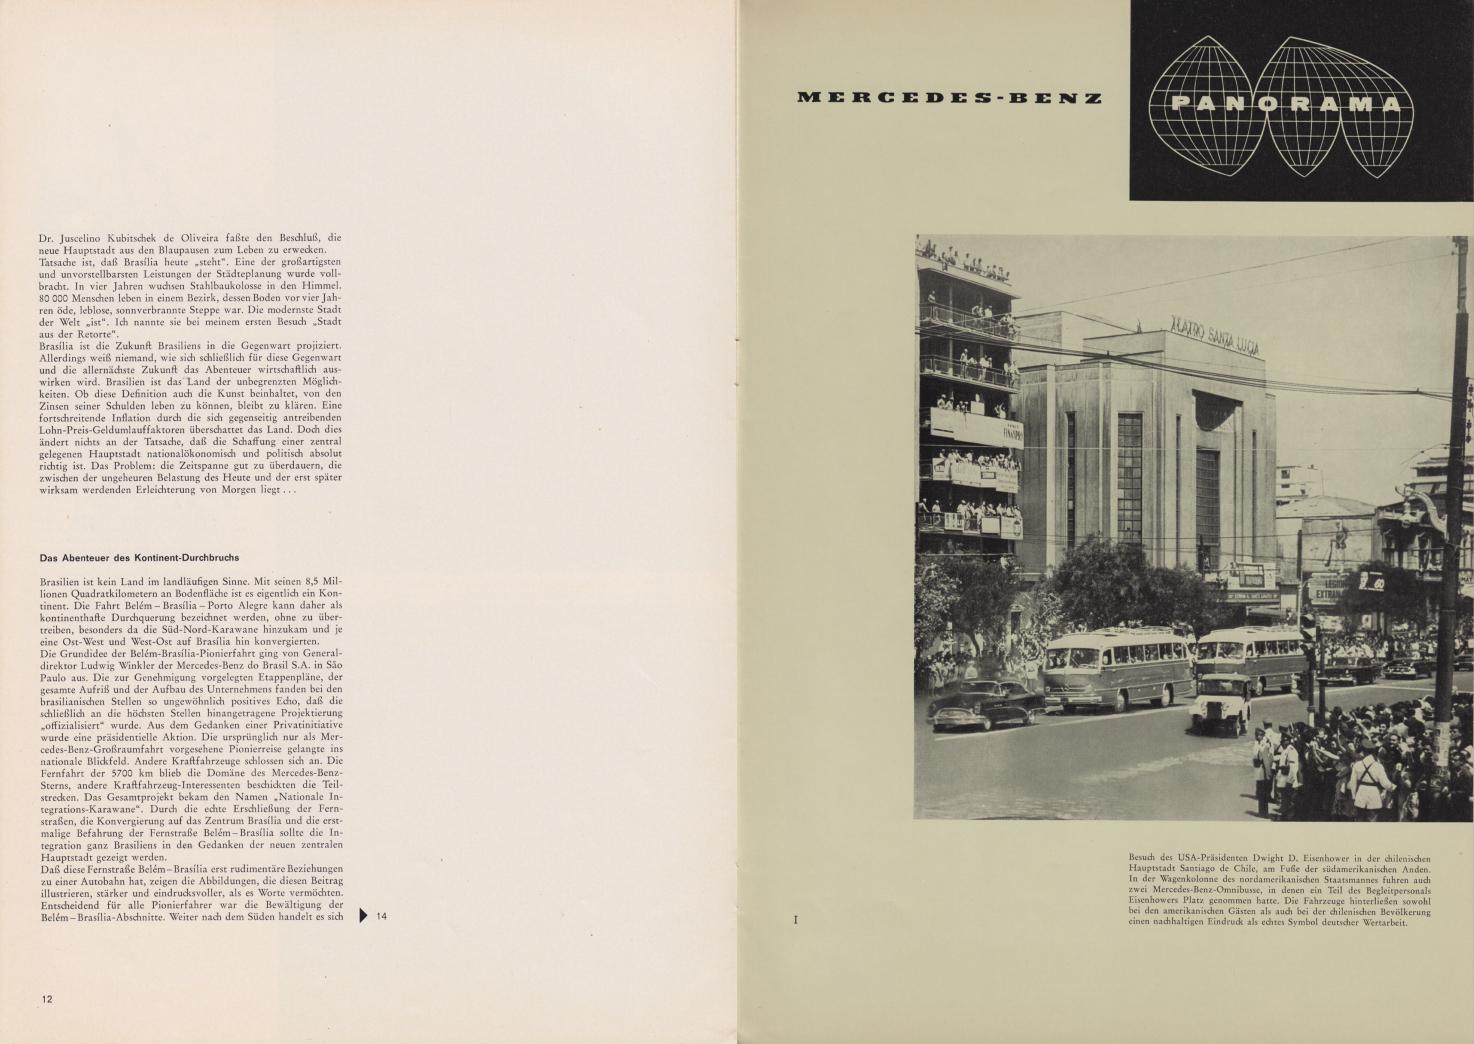 (REVISTA): Periódico In aller welt n.º 42 - Mercedes-Benz no mundo - 1960 - multilingue - com imagens do Brasil e construção de Brasília 007